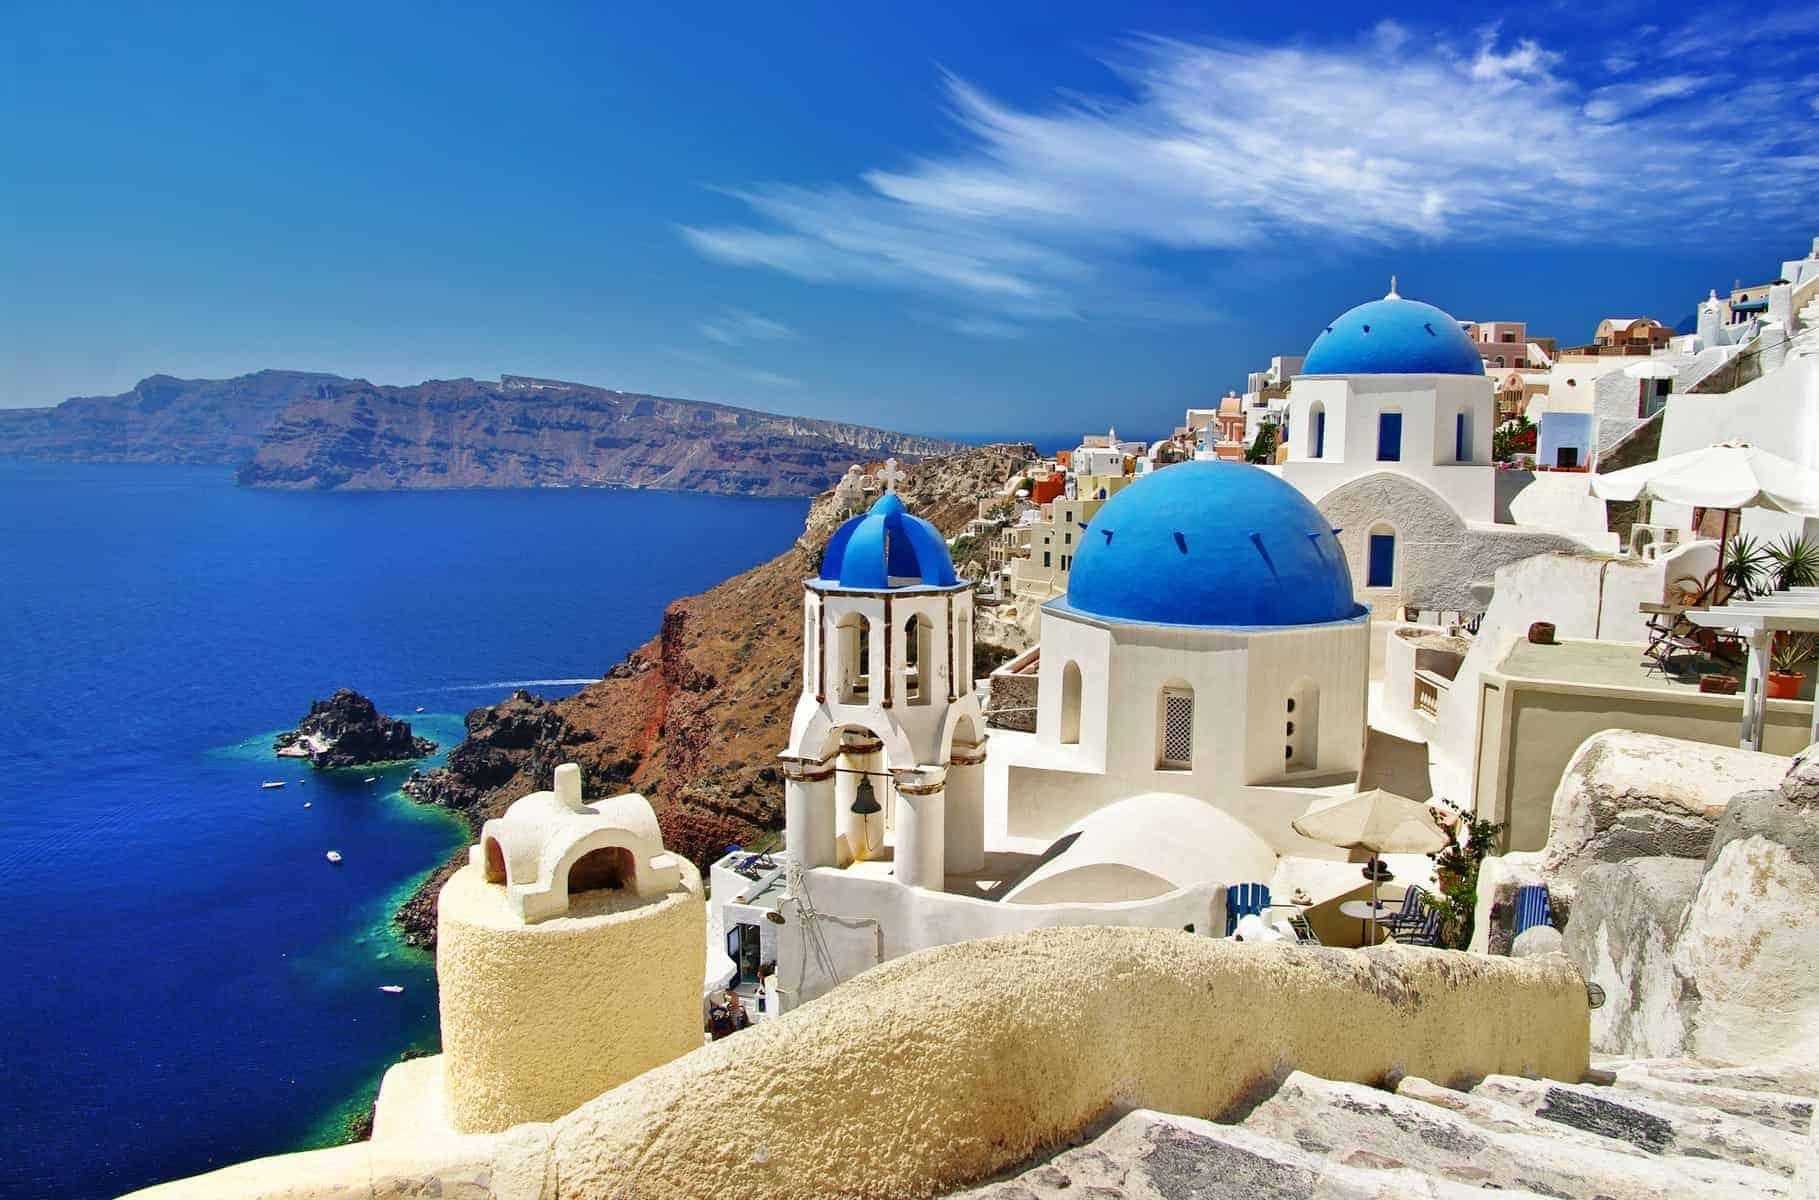 Rejser til Grækenland. Caldera og det berømte blå hvide tema. Grækenland